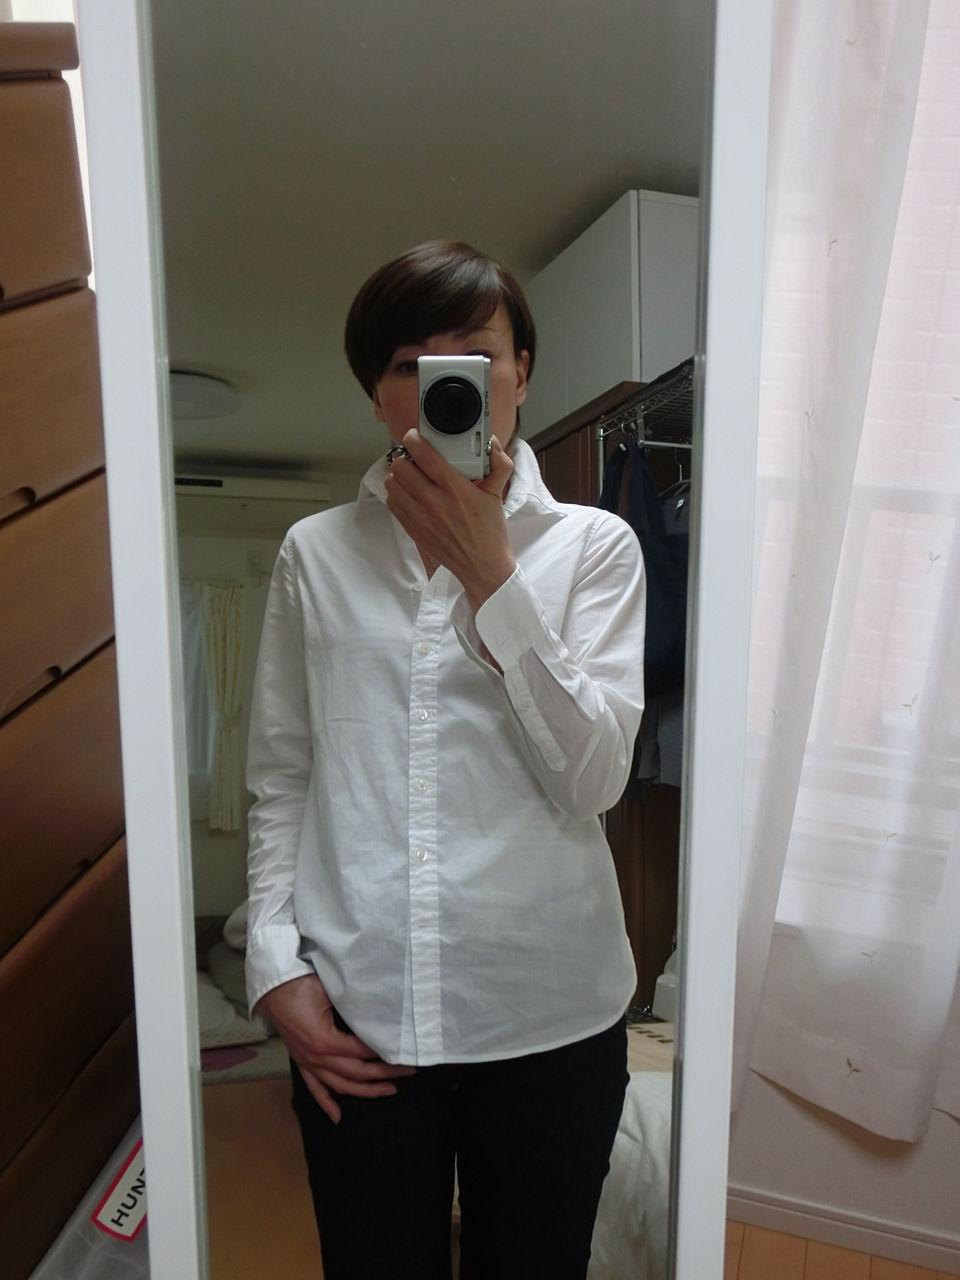 新品 無印良品 ブロードシャツ オーガニックコットン メンズ Sサイズ ライトピンク 長袖